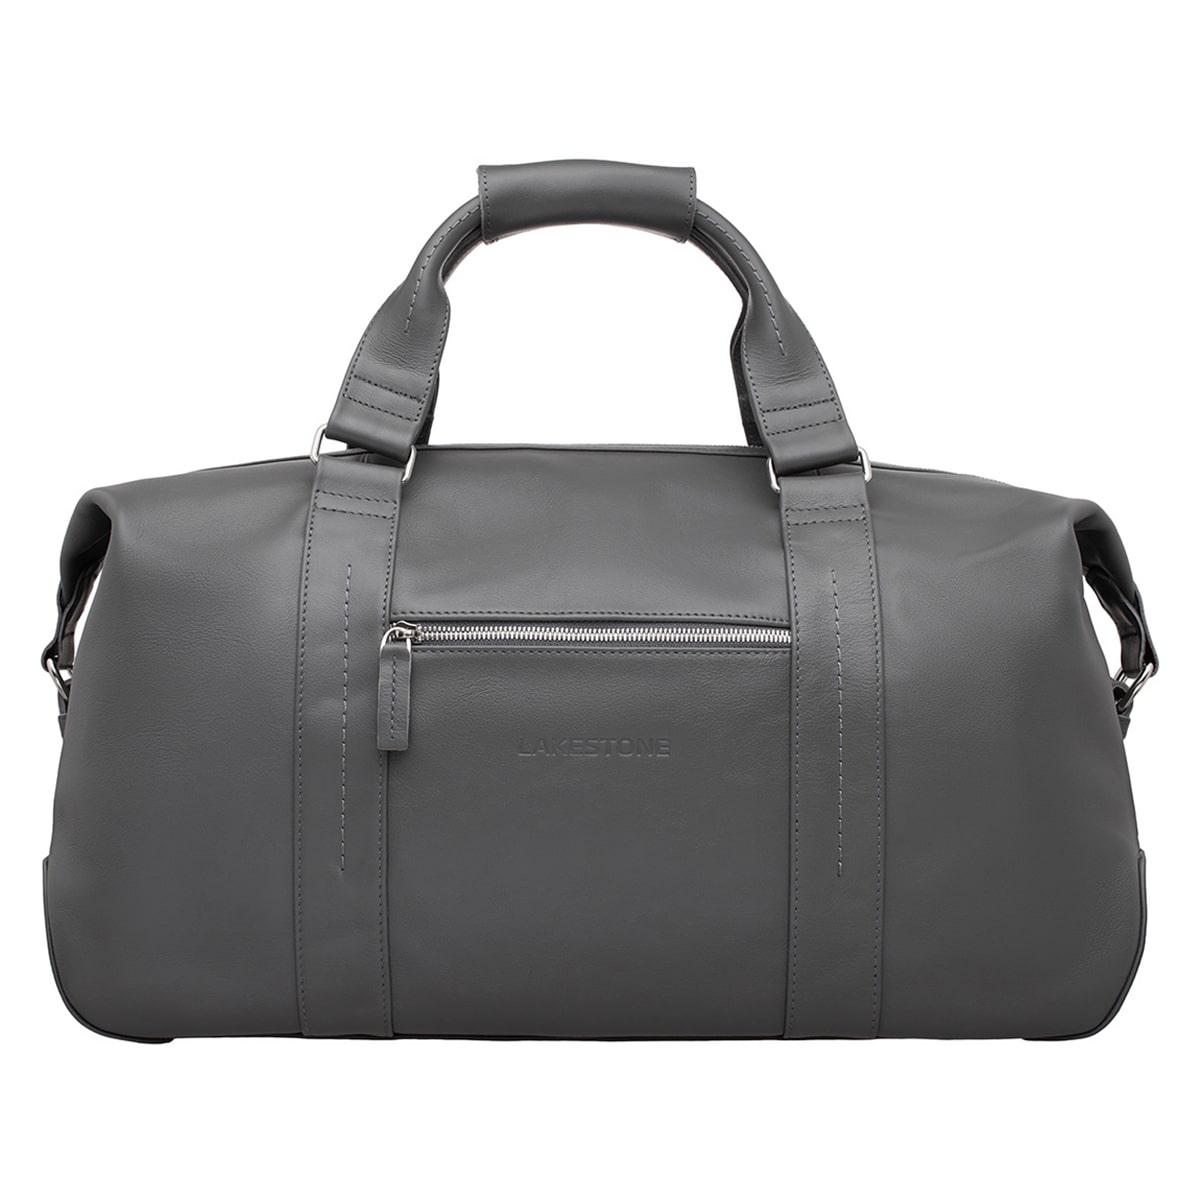 Кожаная дорожно-спортивная сумка Woodstock Grey фото